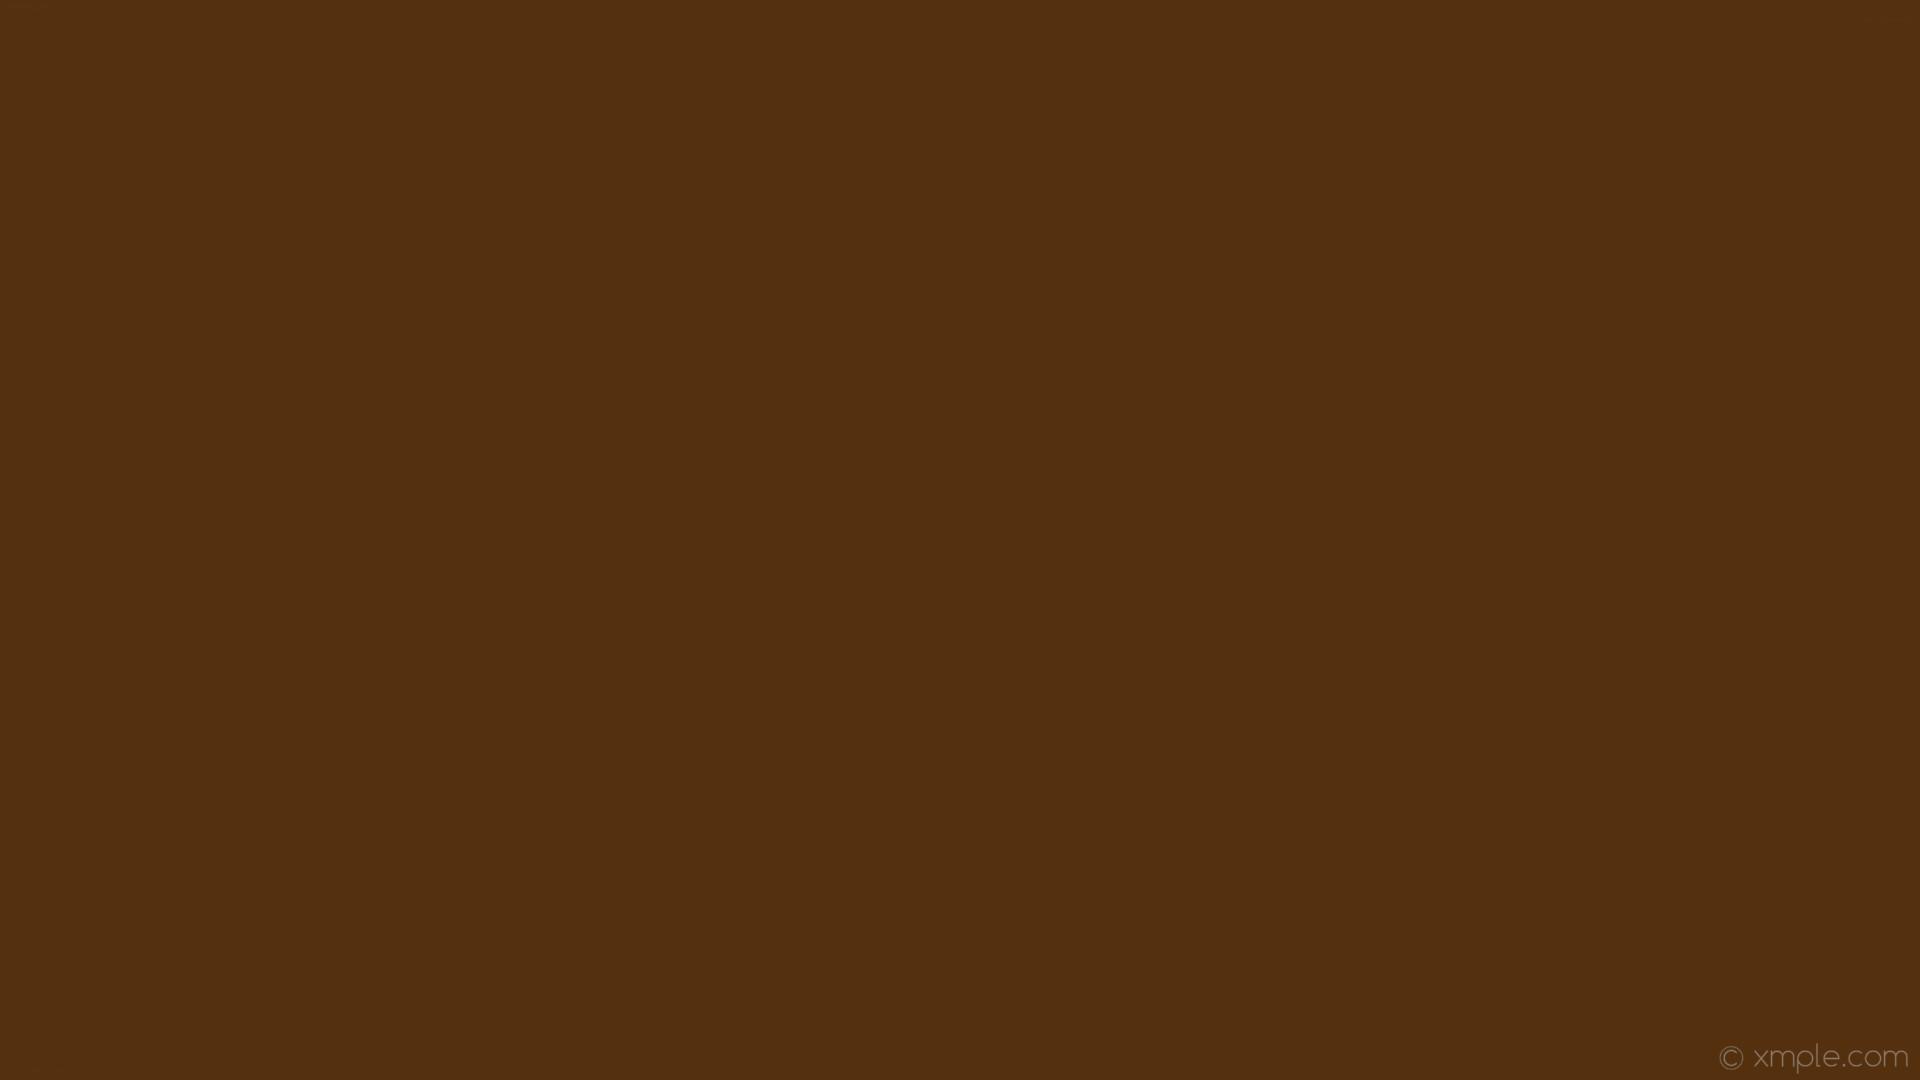 wallpaper one colour orange single solid color plain dark orange #55300e